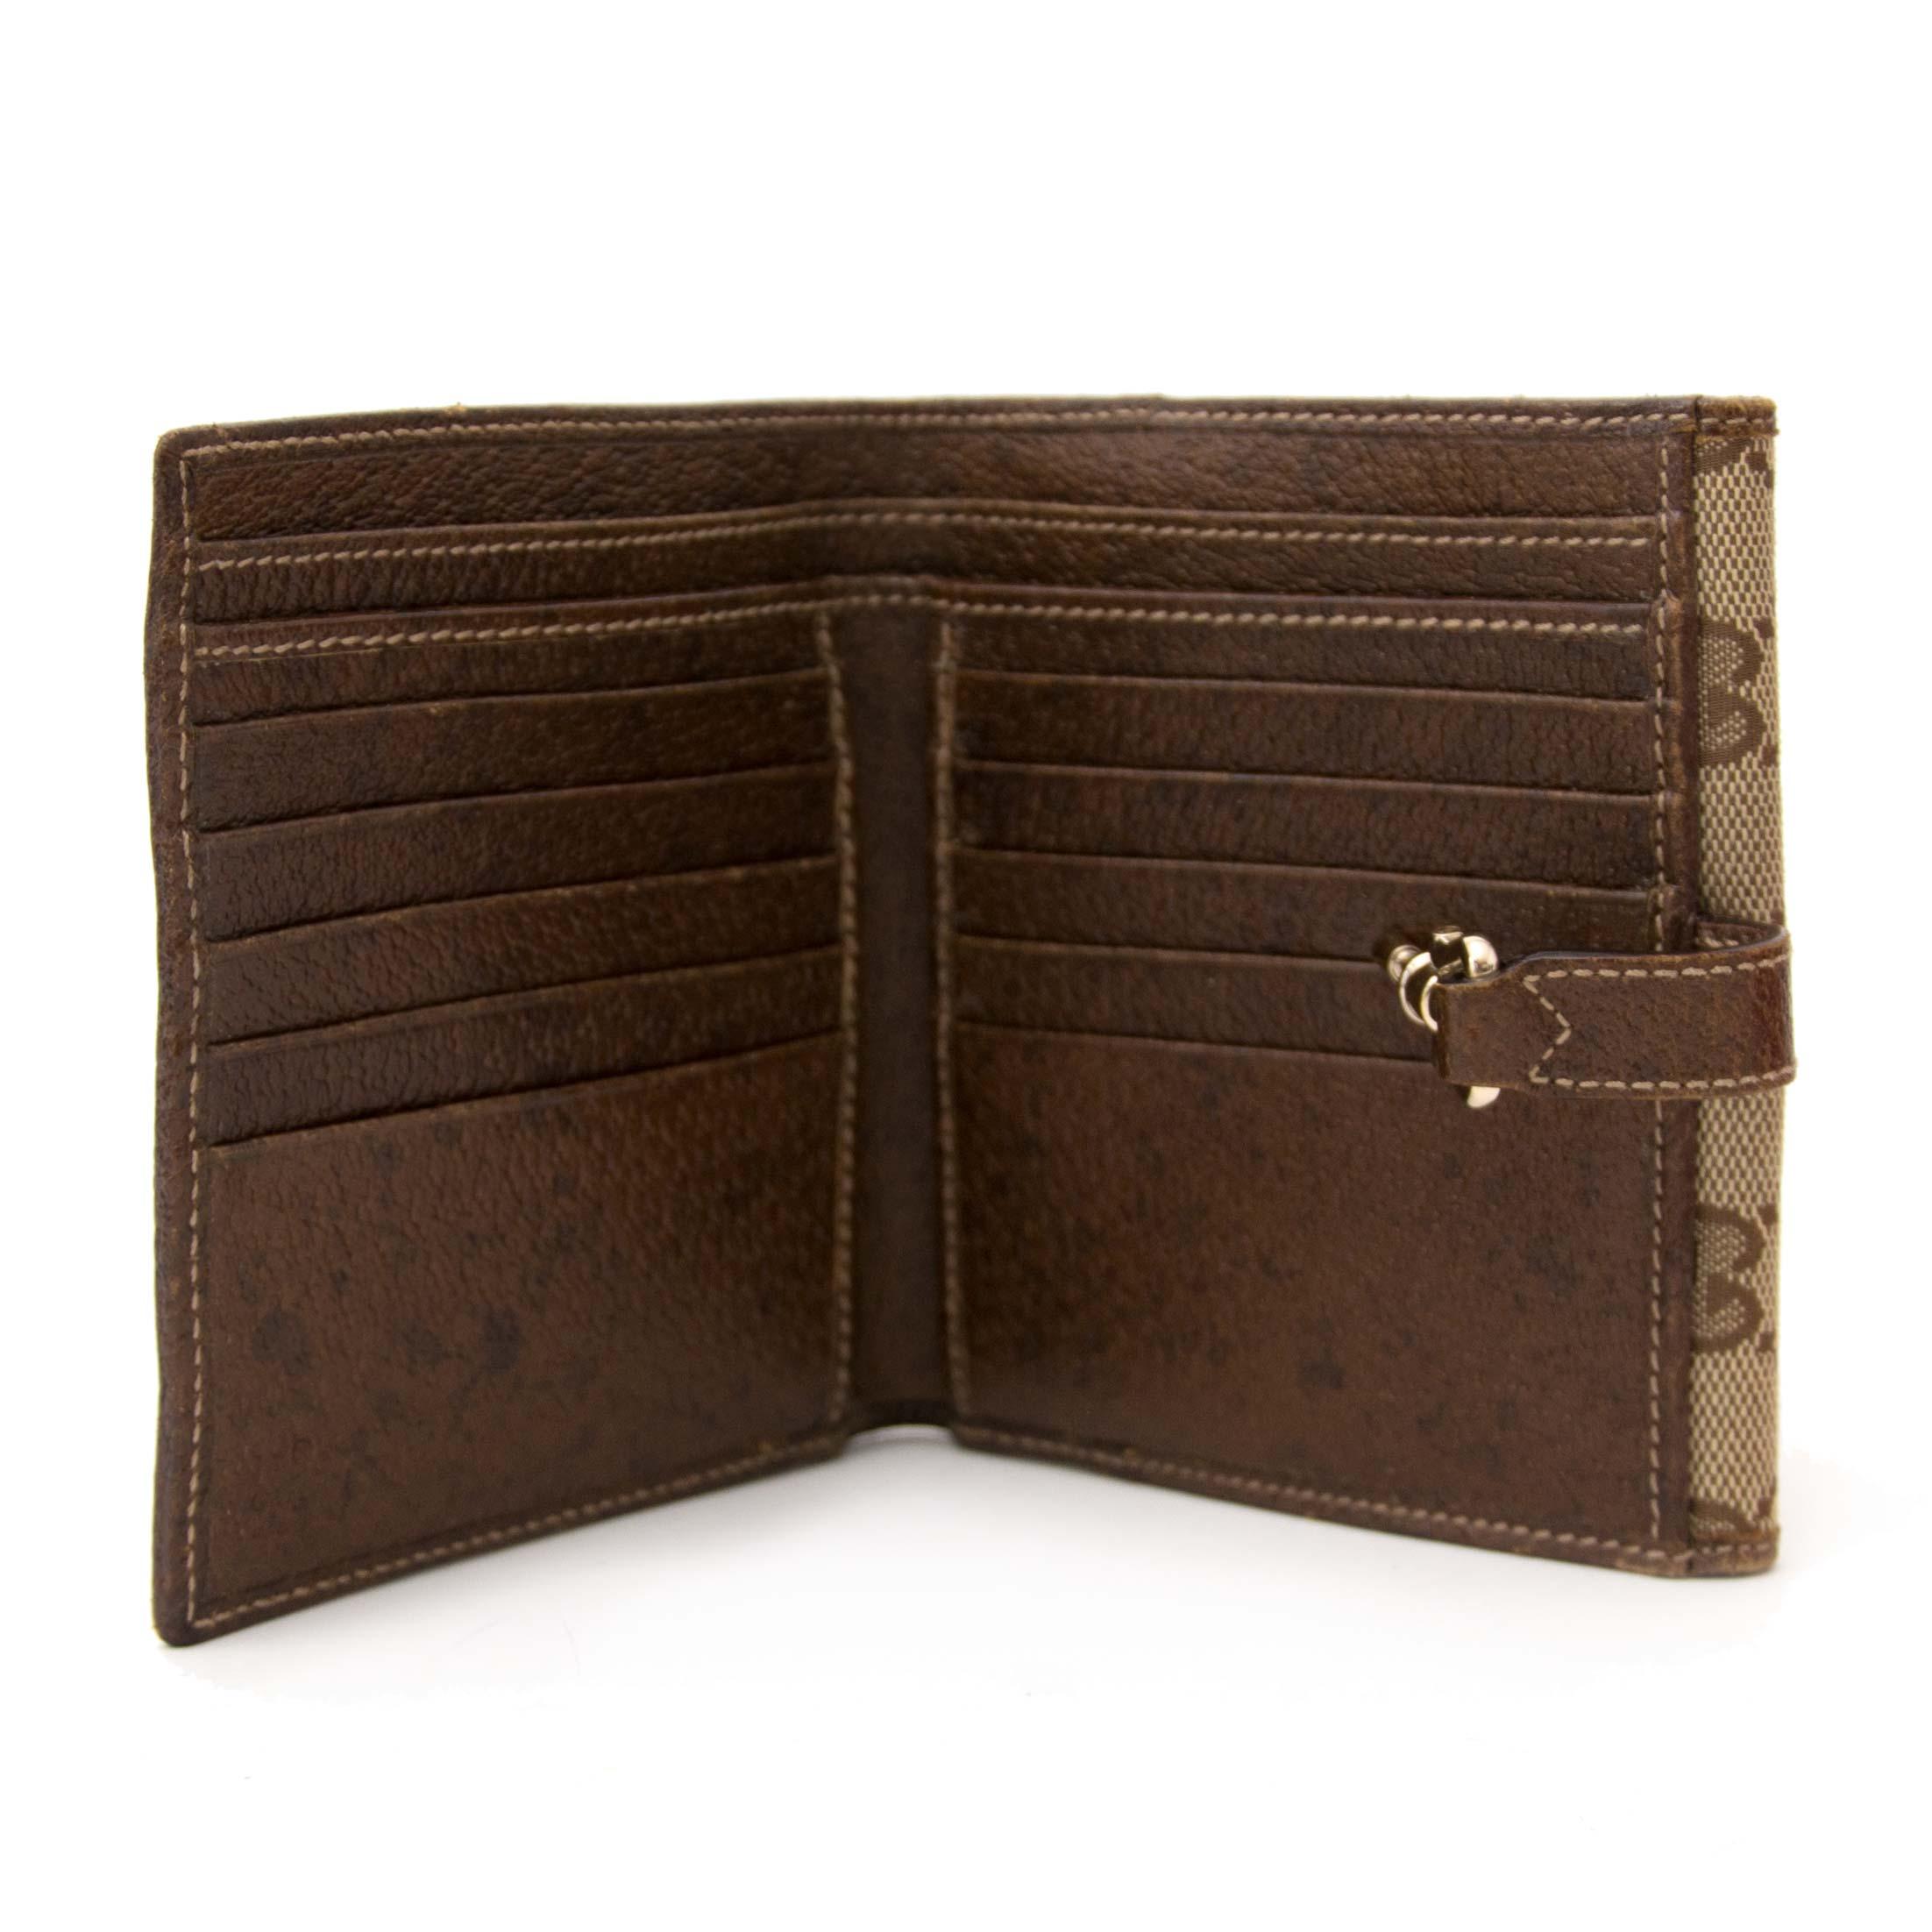 koop veilig online aan de beste prijs Gucci Monogram Wallet